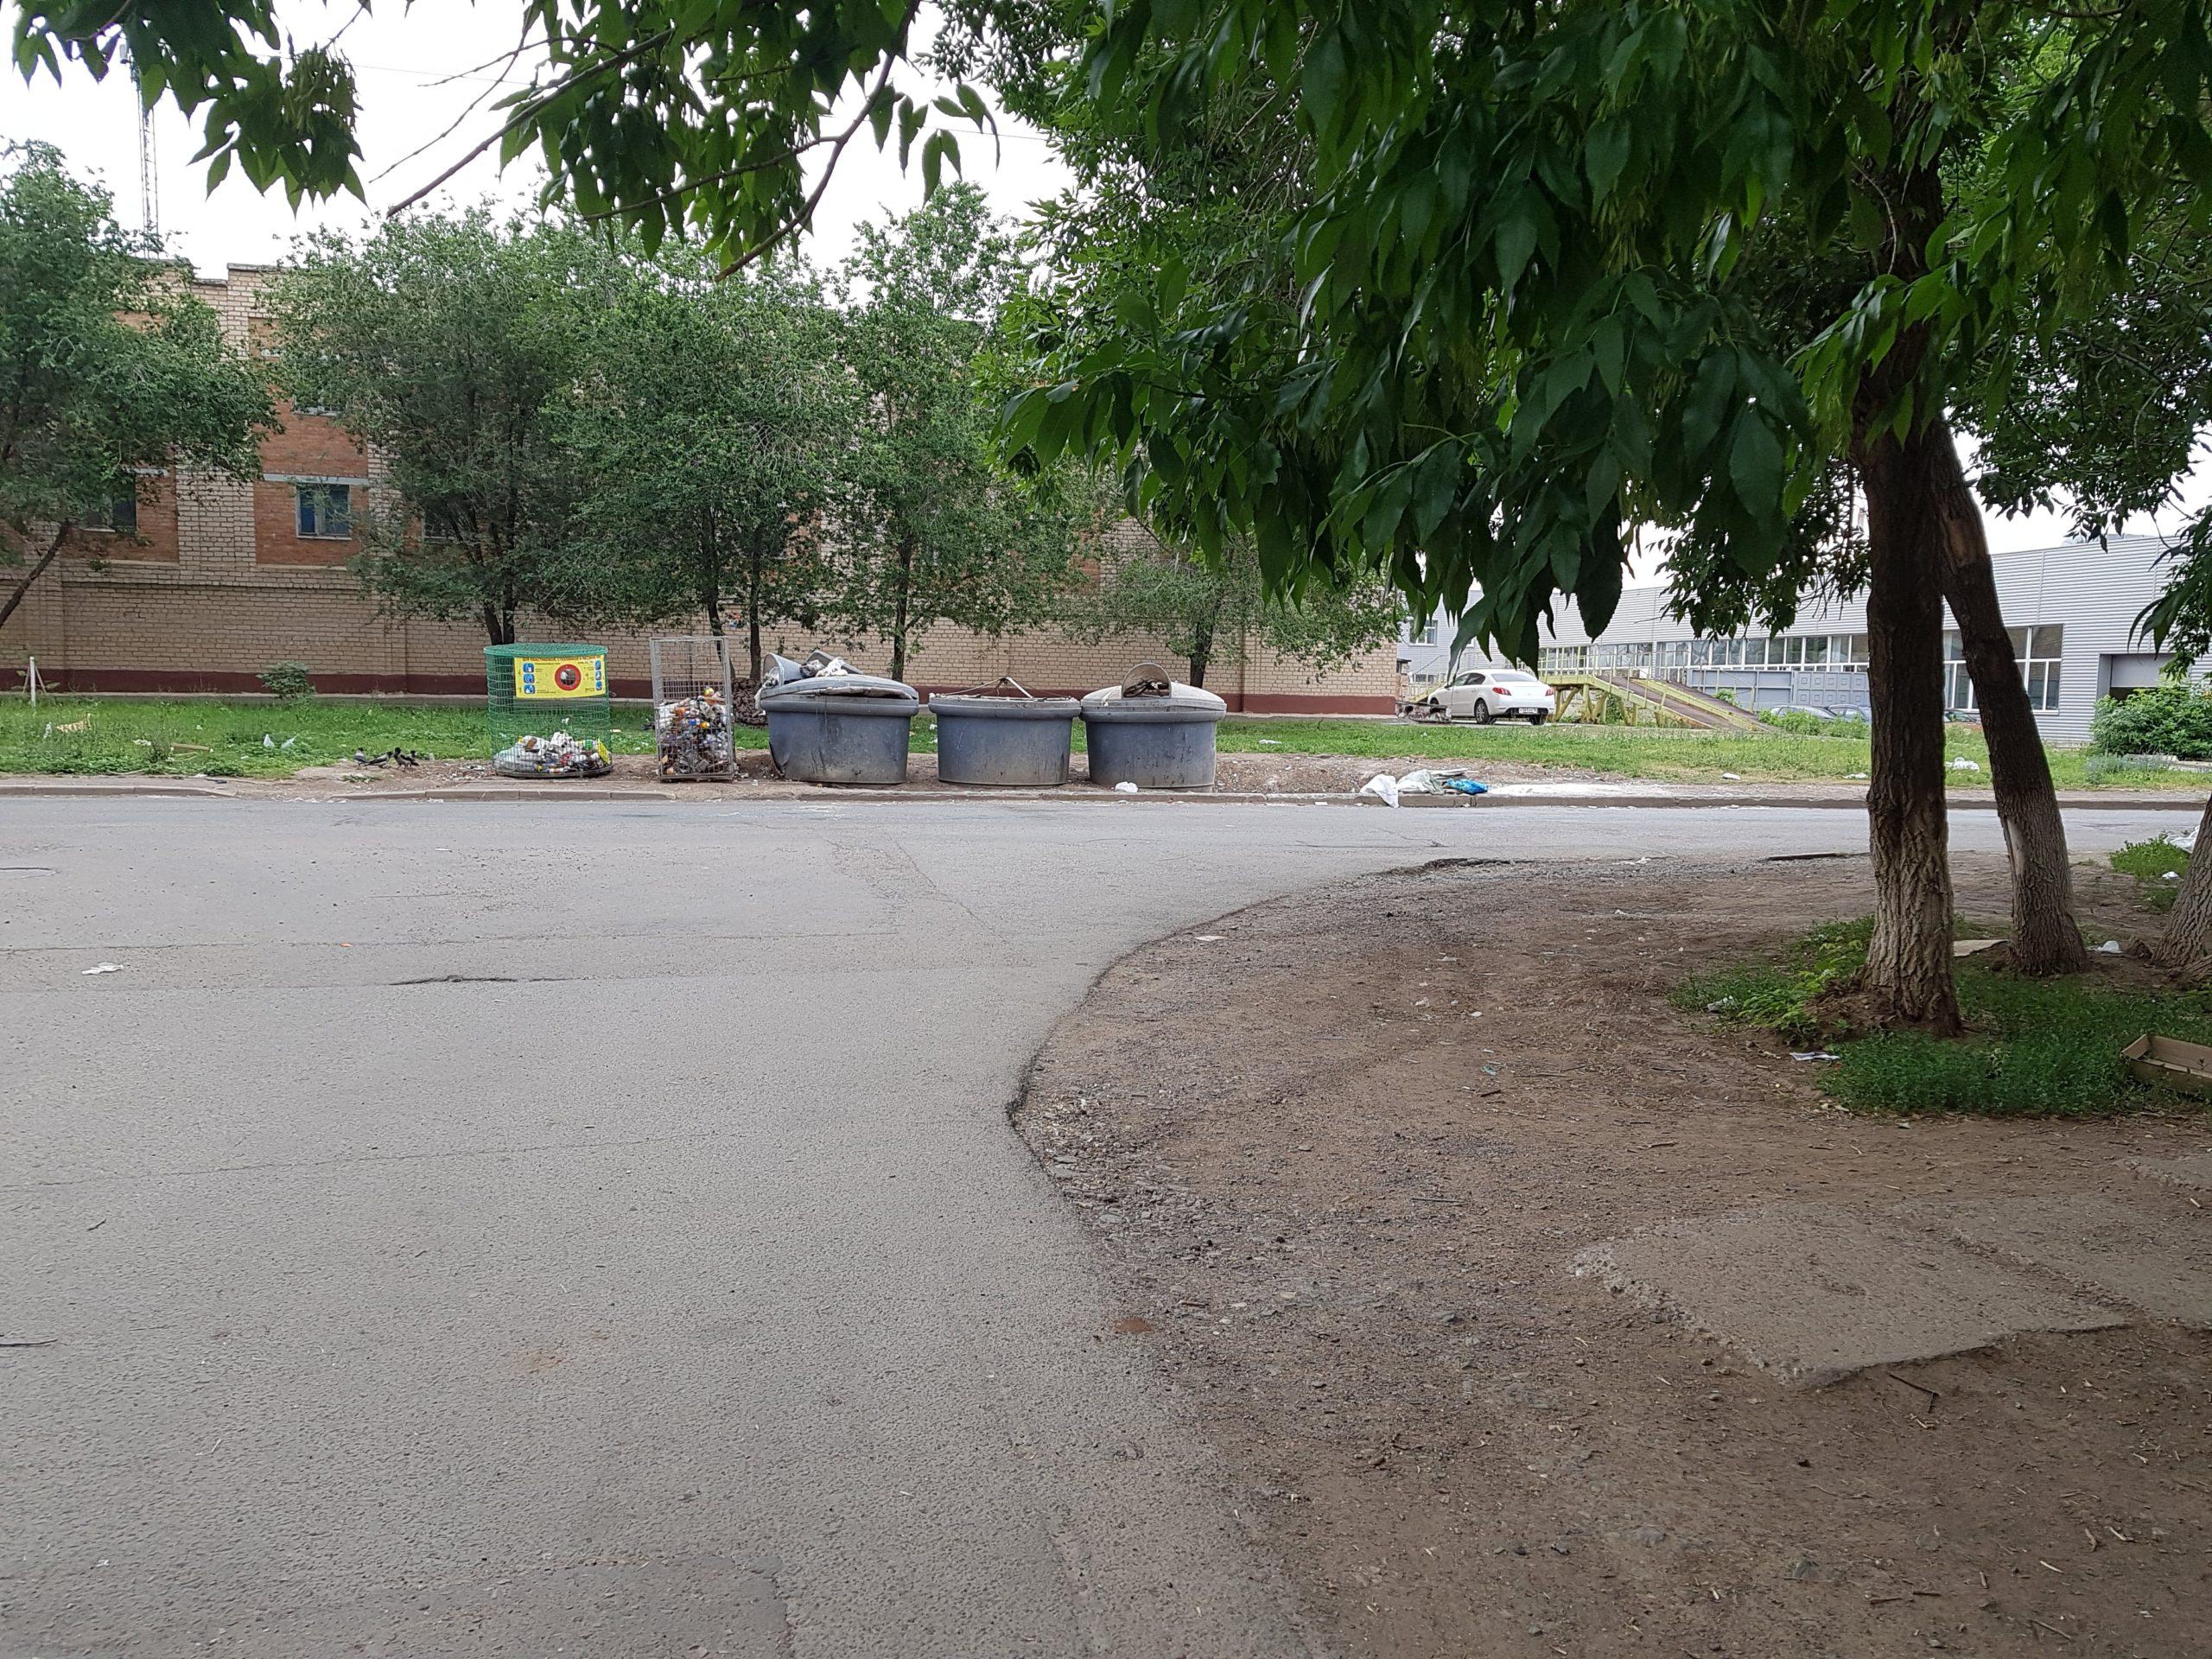 по улице Космическая 1-2/1 была произведена уборка мусора.